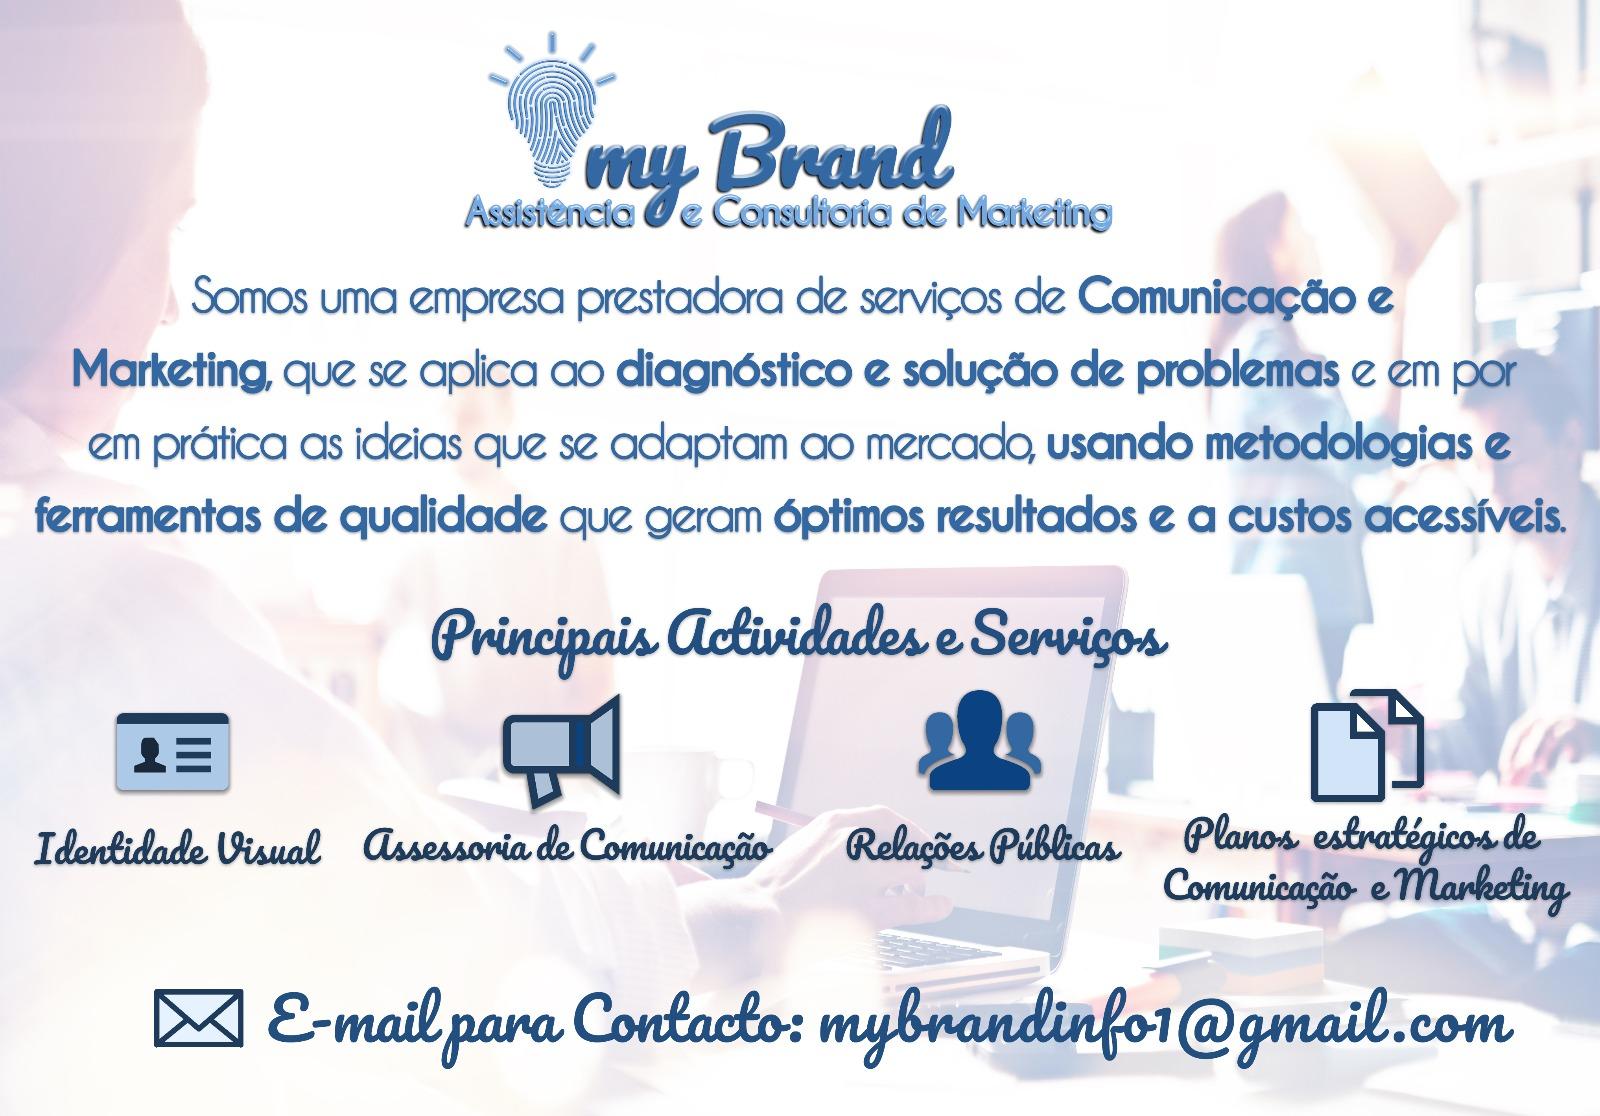 Endereço de E-mail:  mybrandinfo@gmail.com   Telefone:  +244940511144